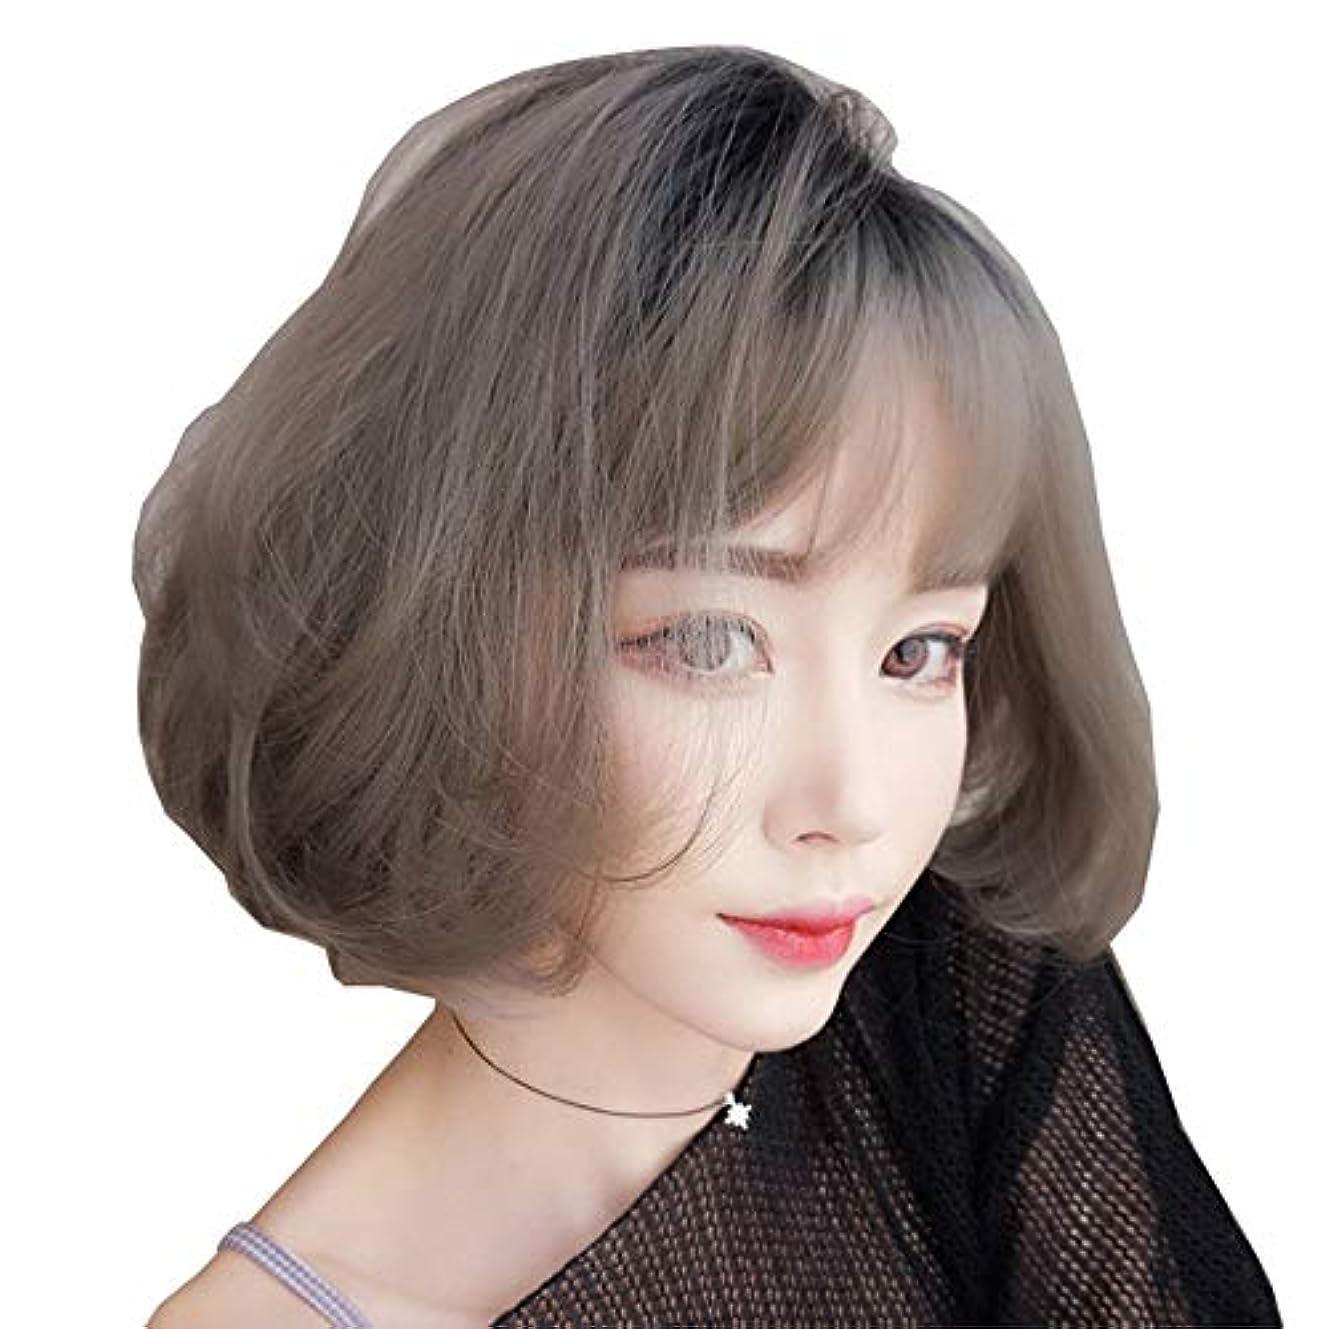 してはいけません海洋の情熱SRY-Wigファッション グレーショートウィッグボブスタイルファッションナチュラルストレート合成グレーレディースウィッグ前髪付き10インチソフトヘアグレーウィッグ